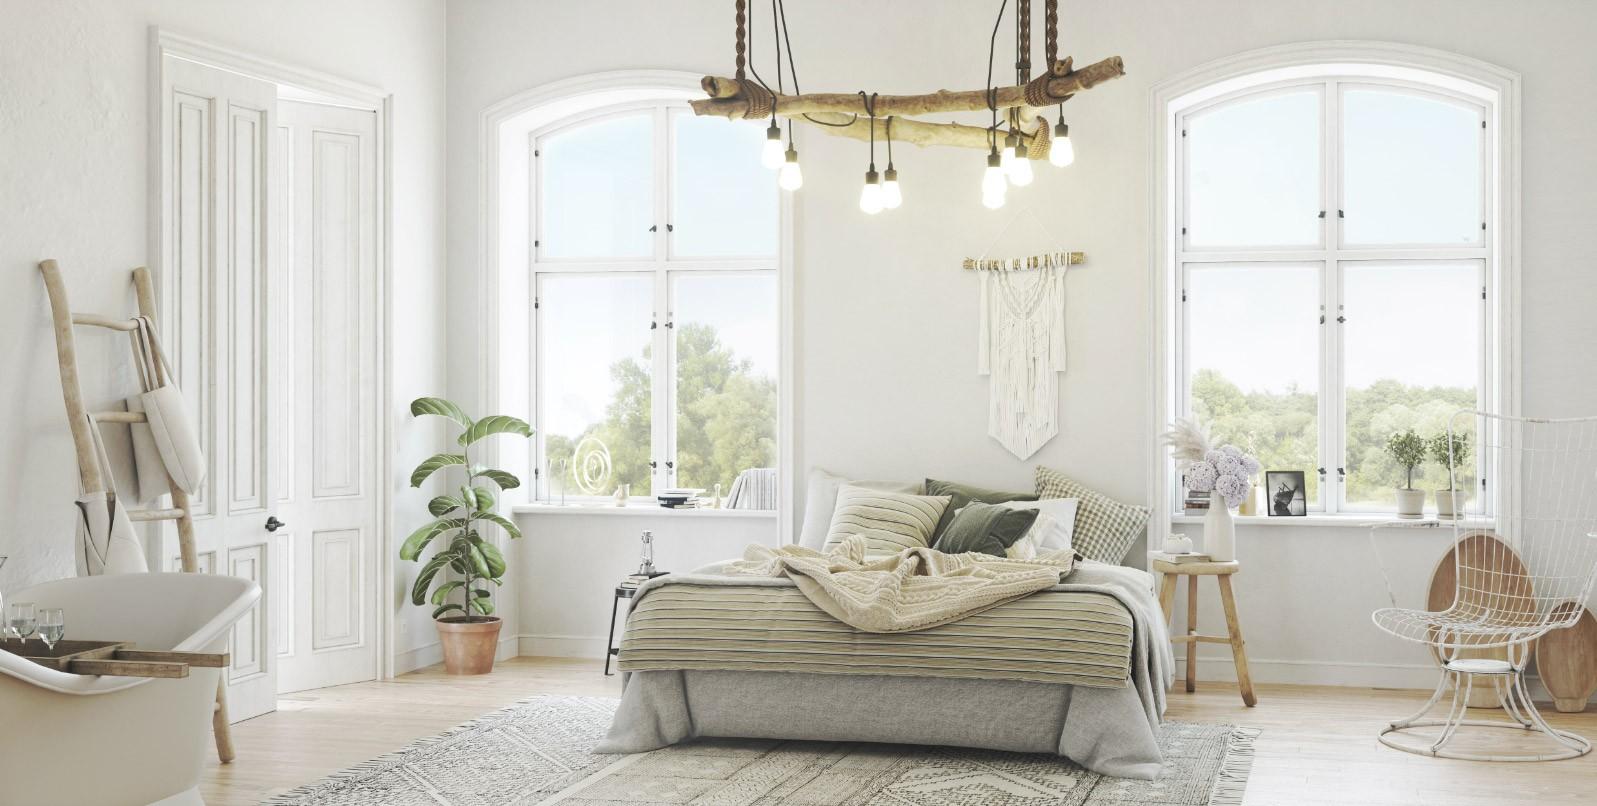 Las mejores almohadas de alta gama elaboradas con la tecnología suiza más exquisita